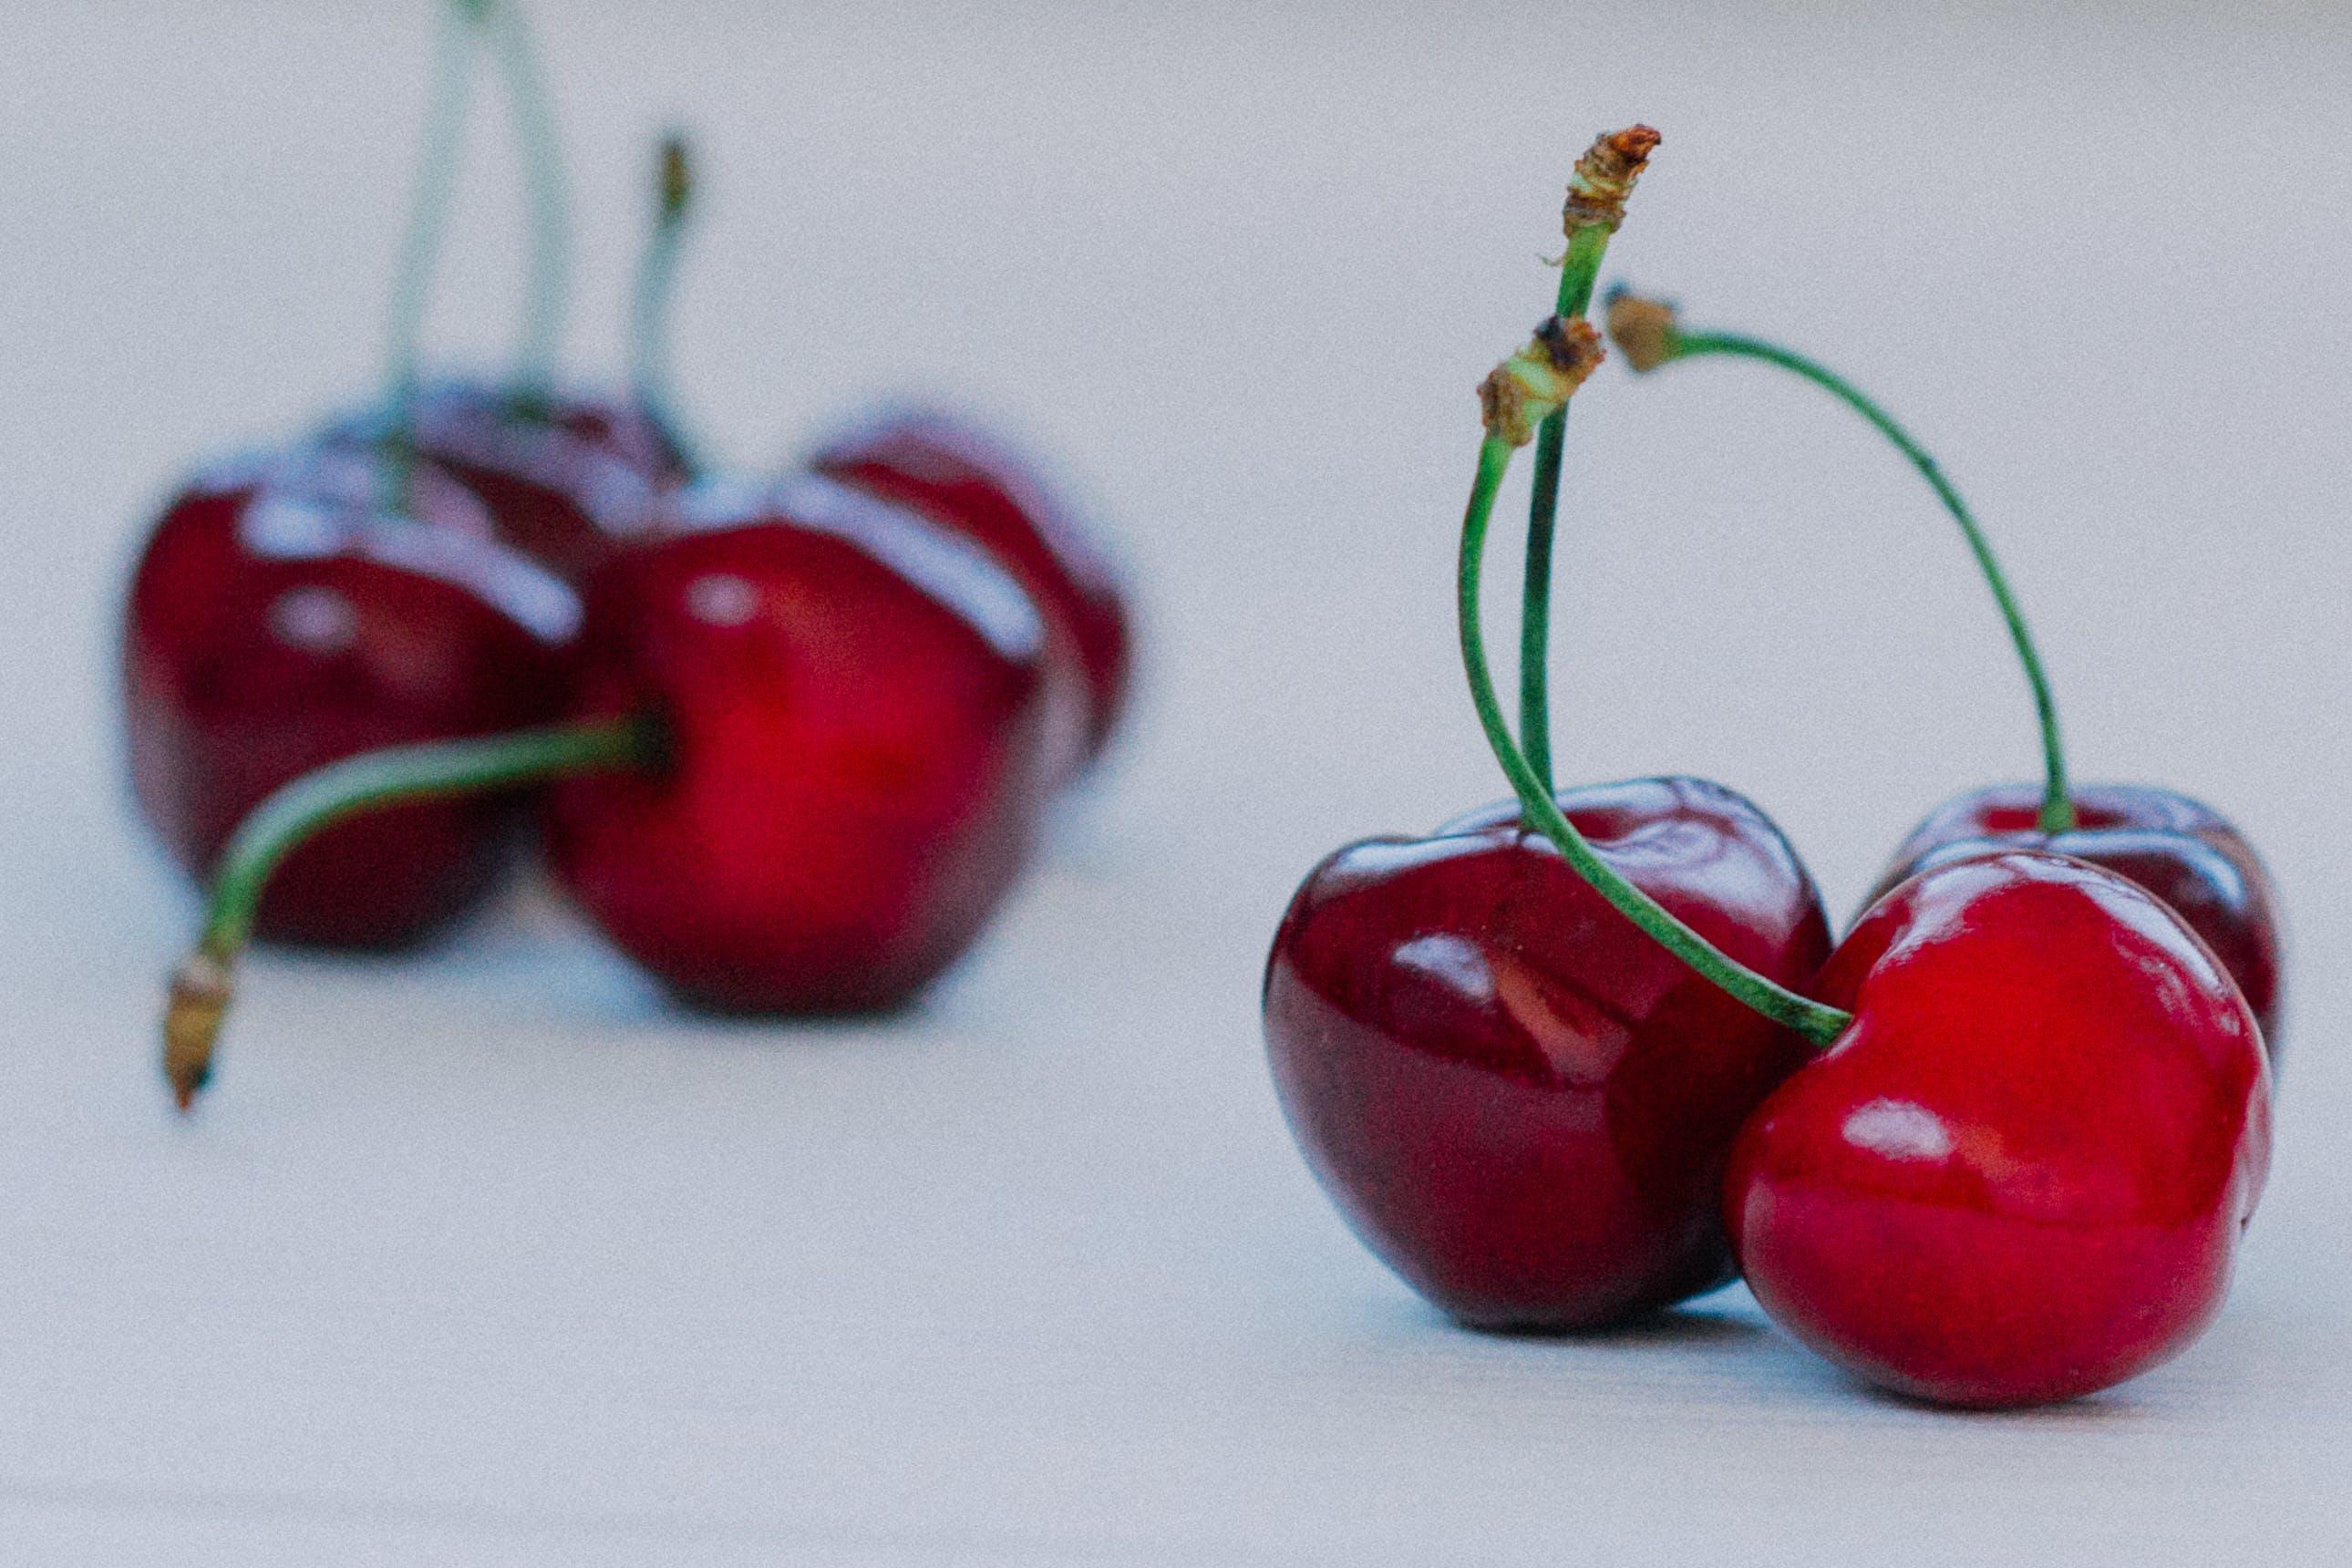 Seven Red Cherries